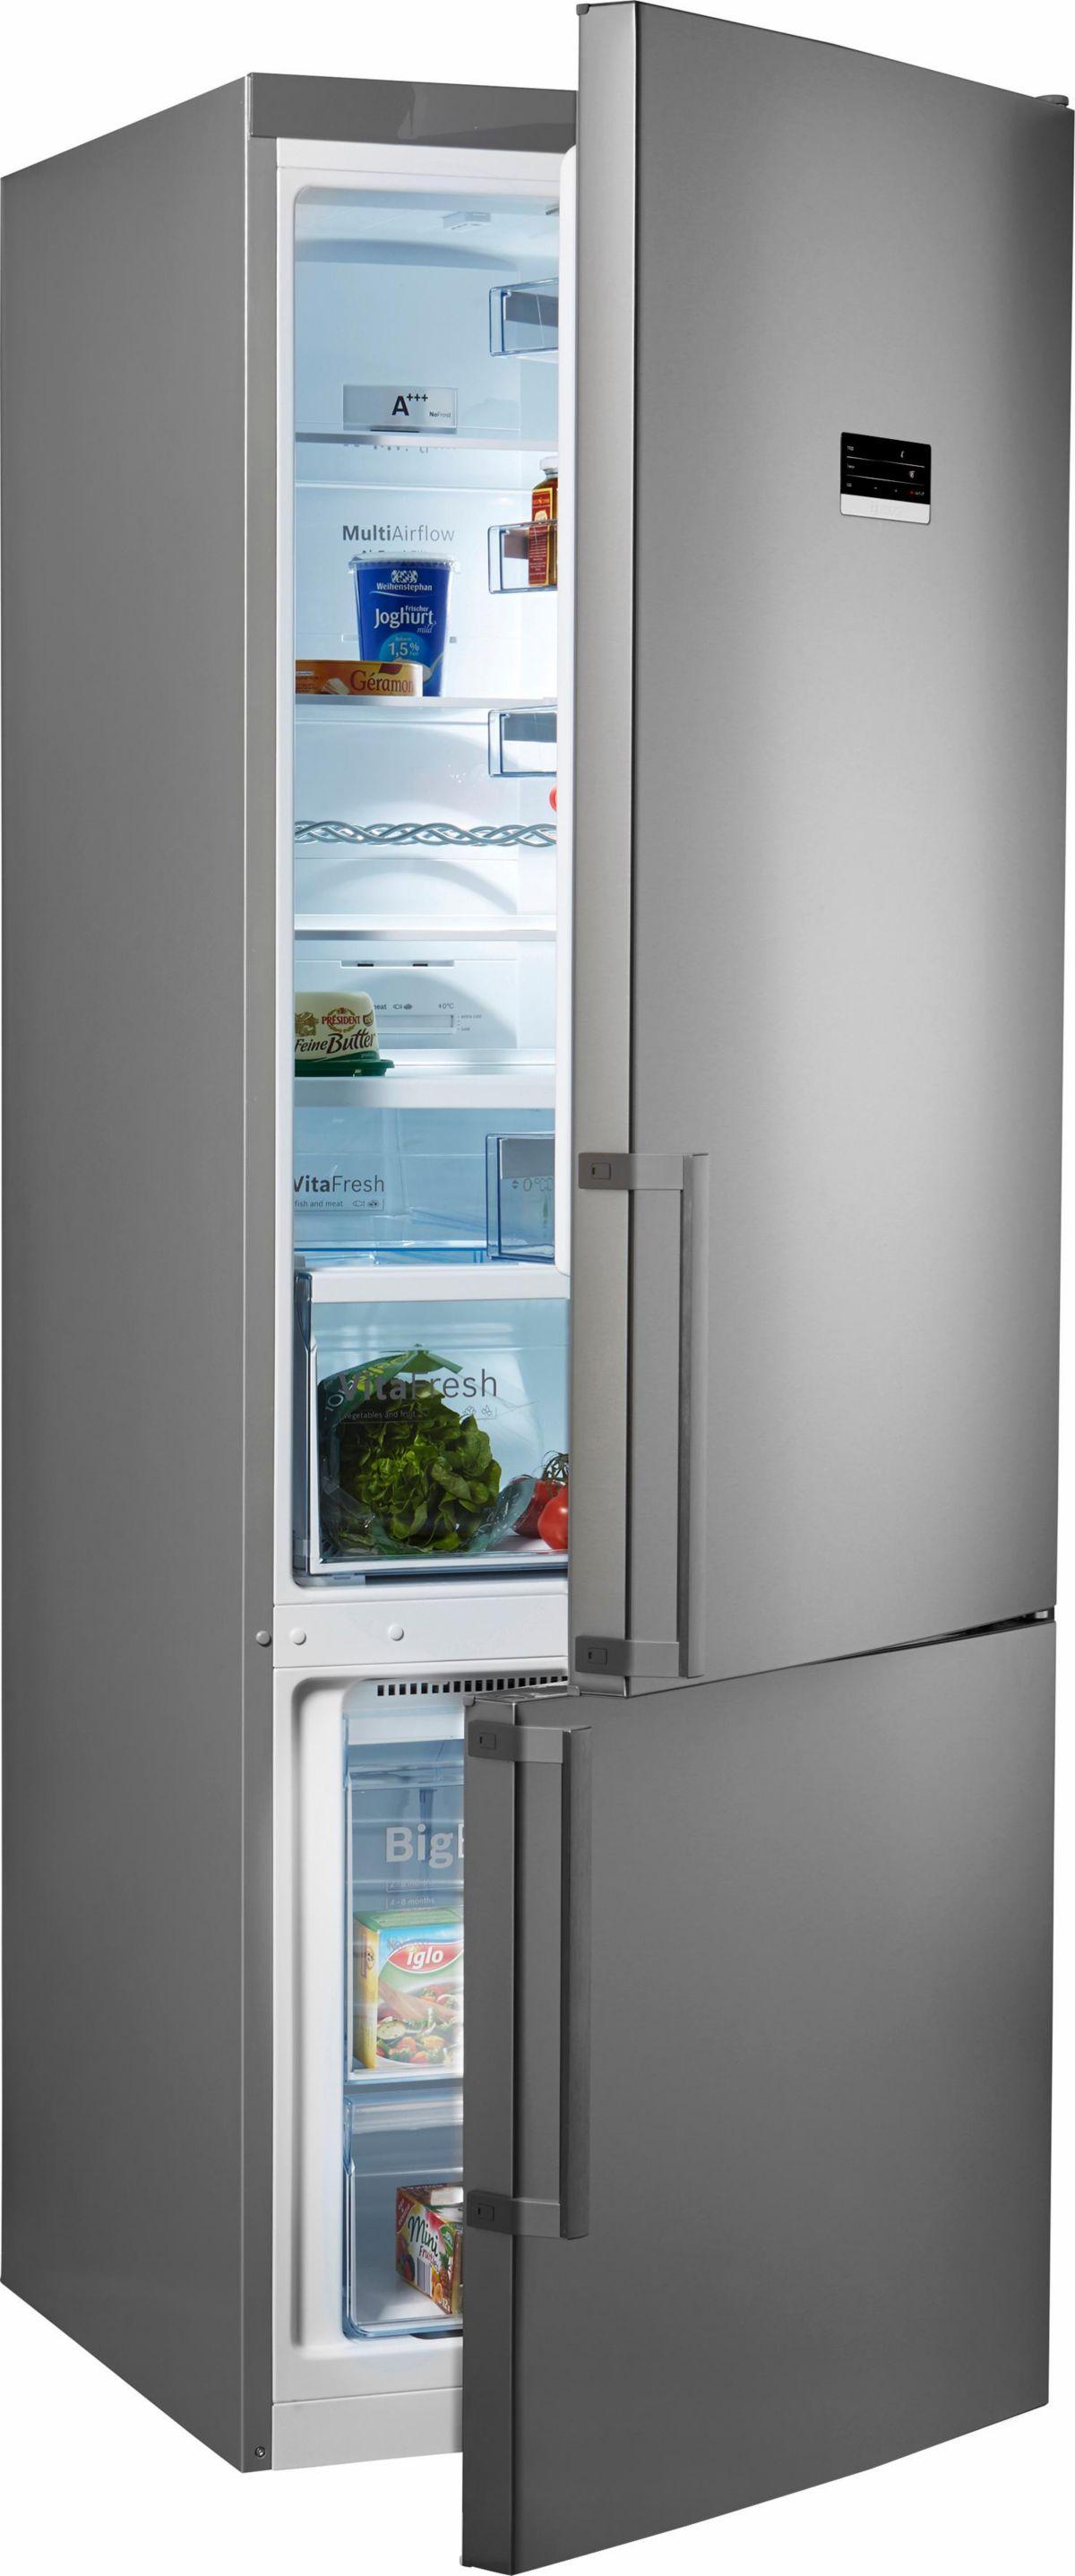 Bosch Stand-Kühl-Gefrierkombination KGN56XI40, A+++, 193 cm, No Frost Preisvergleich